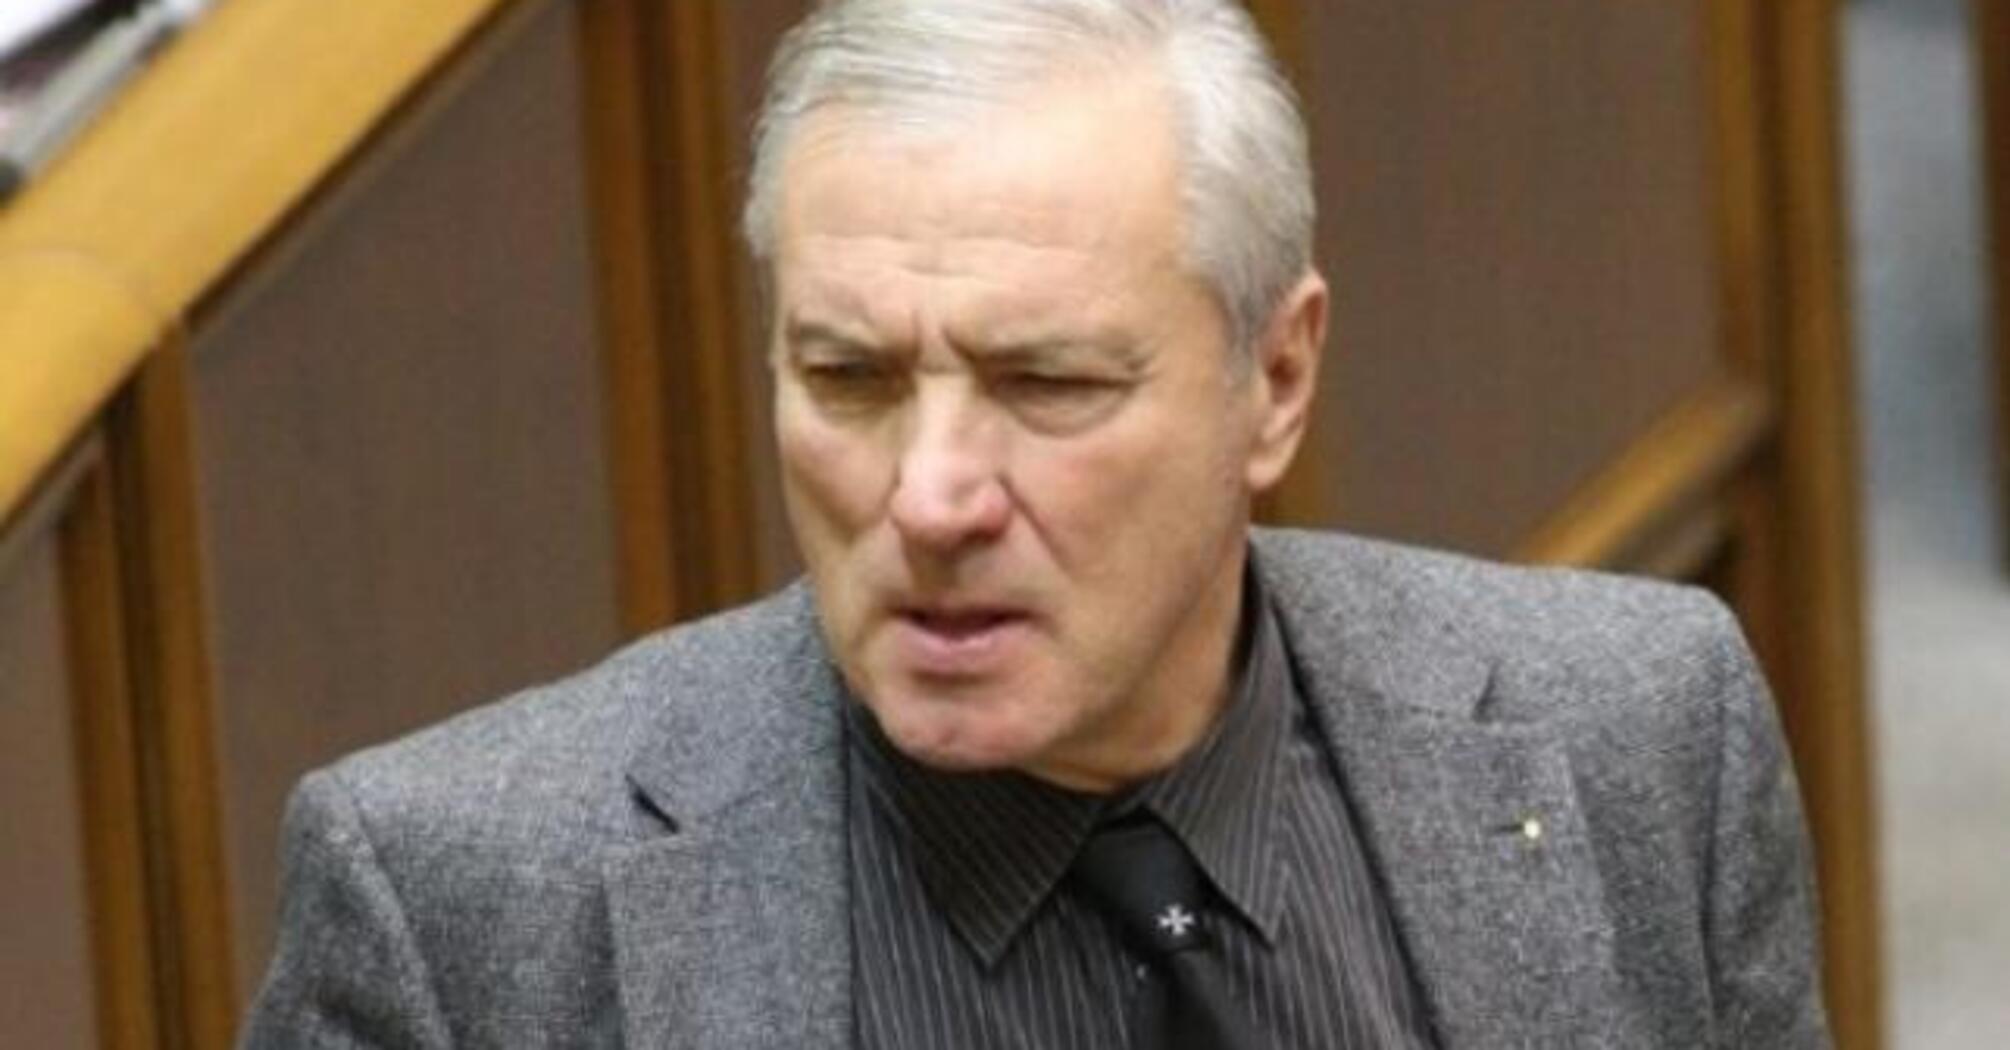 Знайшли плагіат: у брата Віктора Ющенка відібрали ступінь доктора наук з історії України